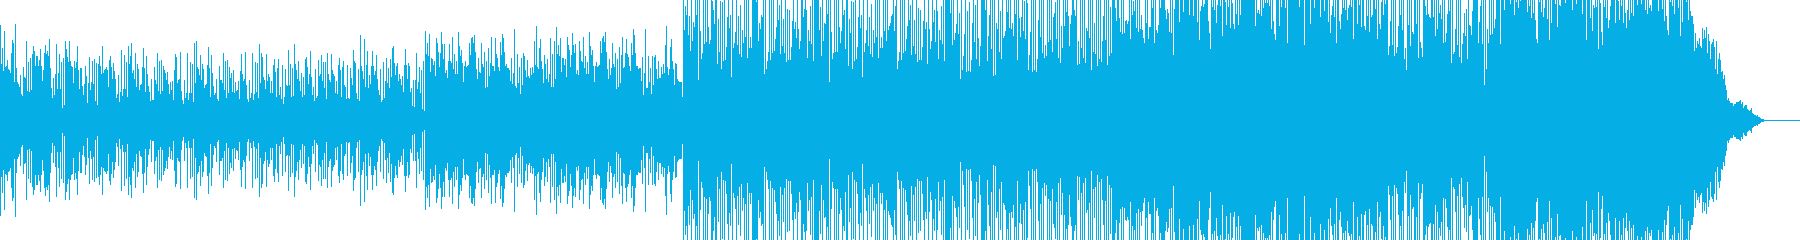 ポップ。メロディック。エネルギー。の再生済みの波形